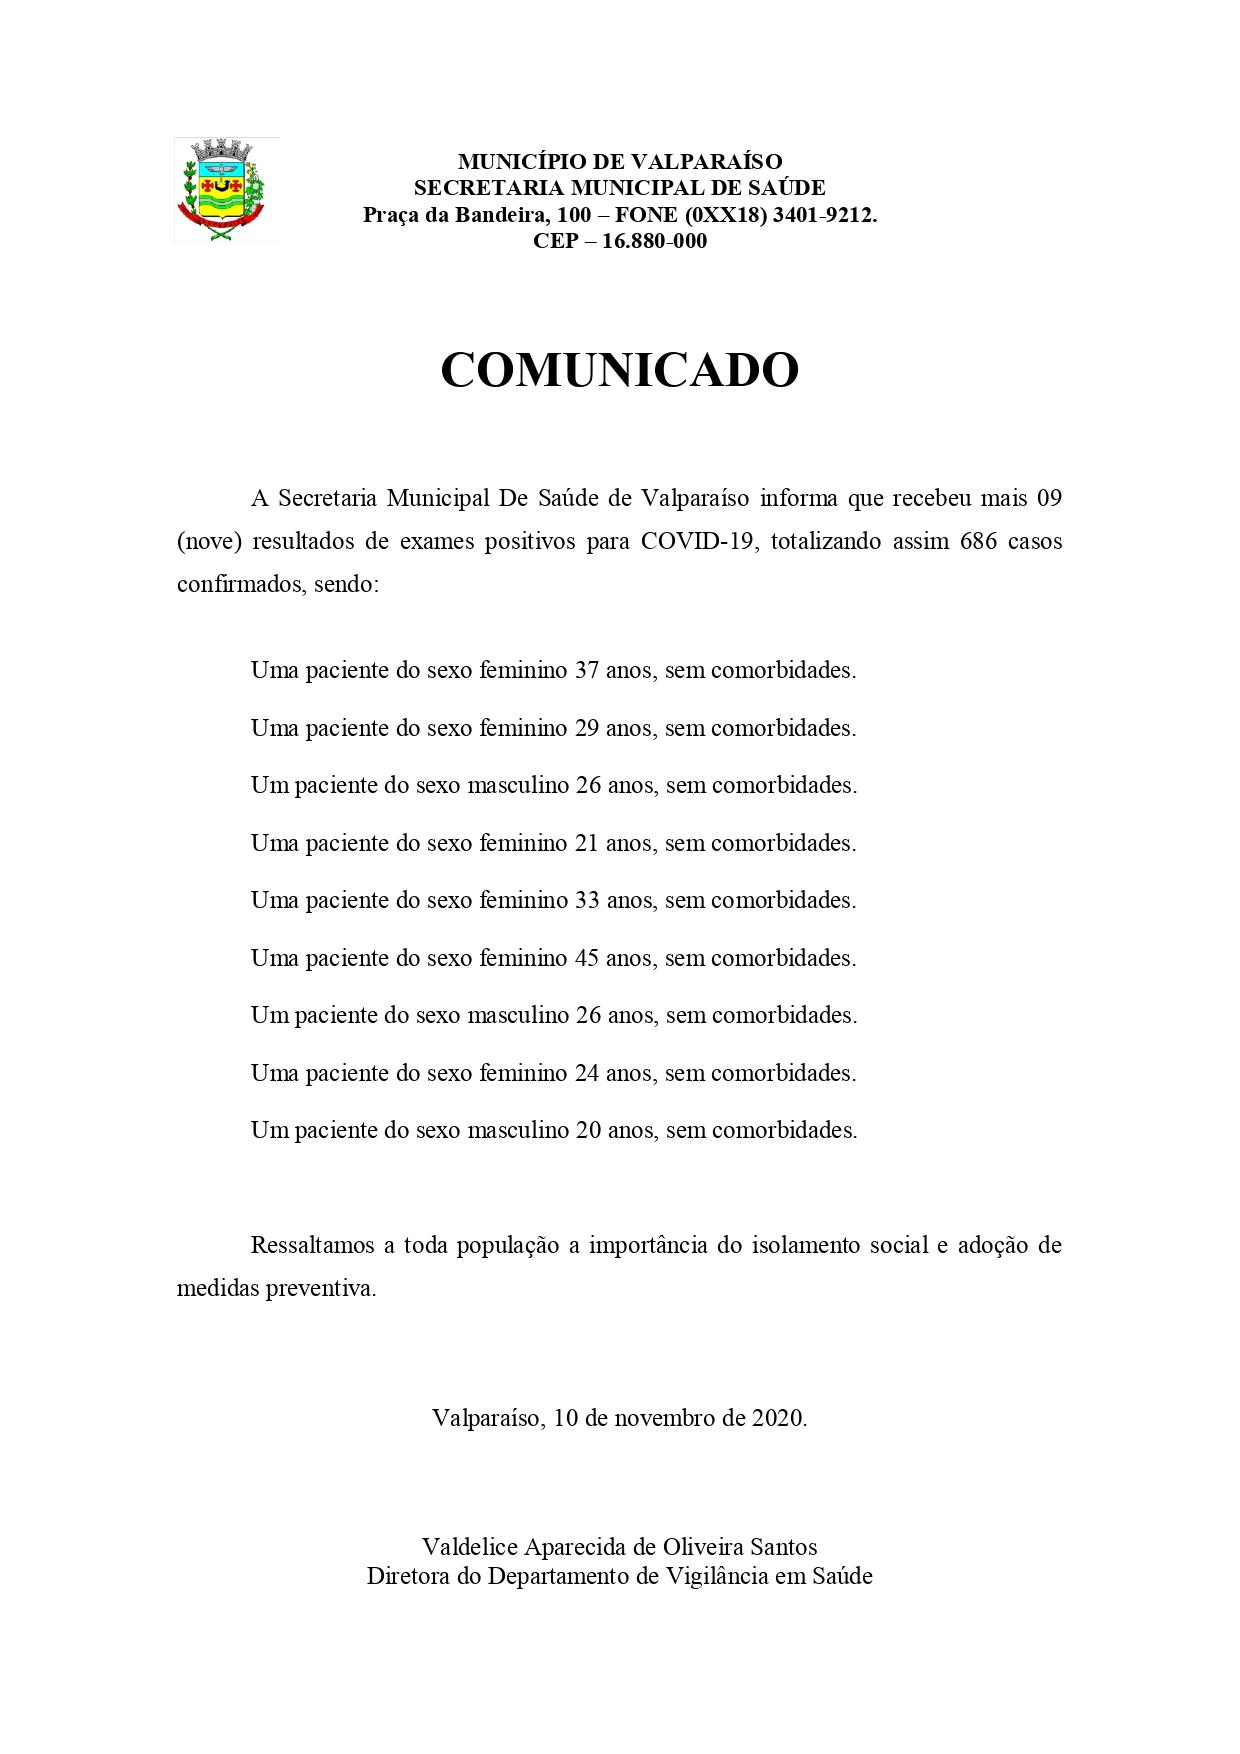 covid686